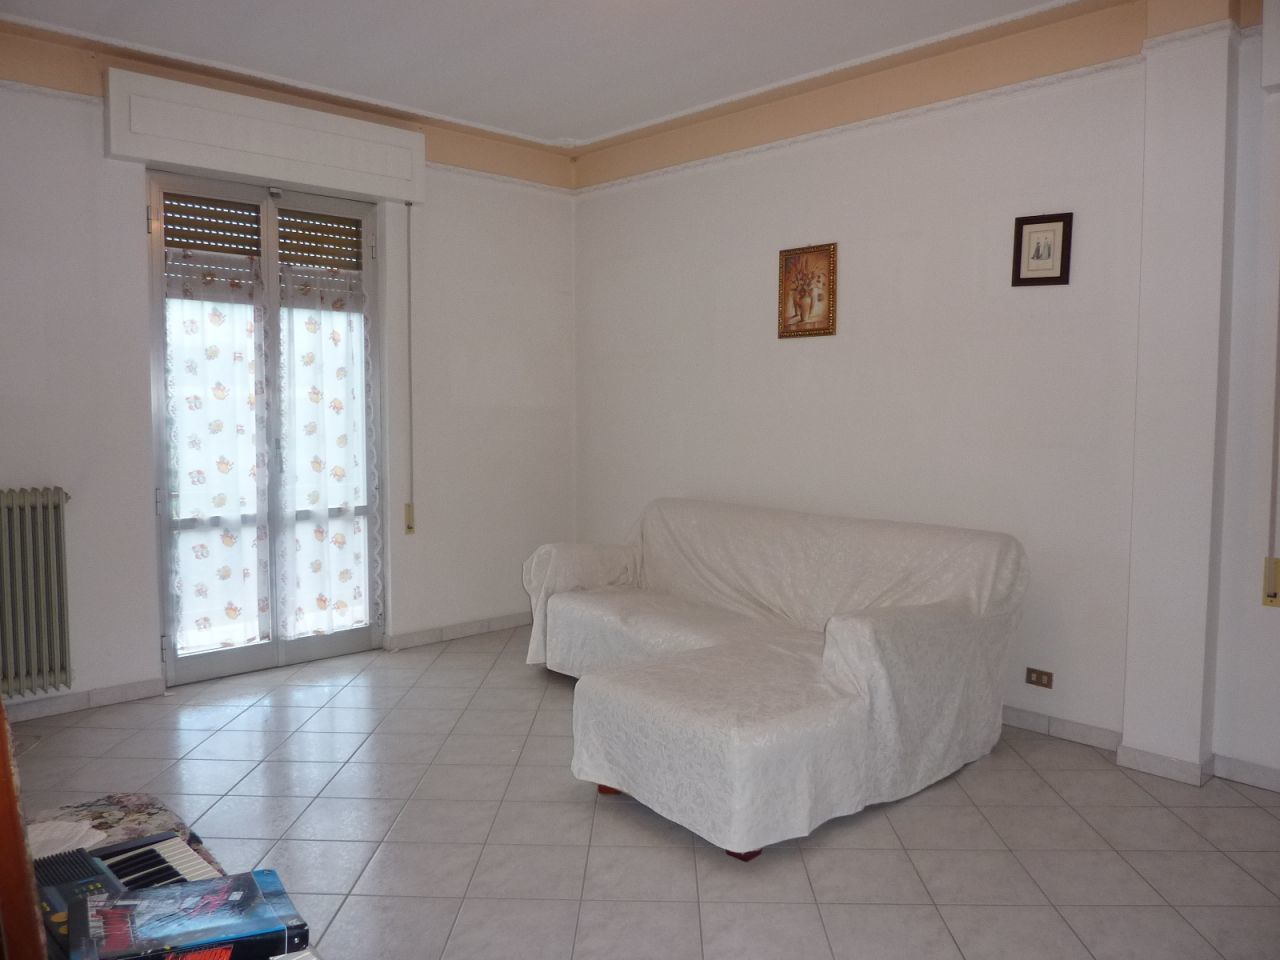 Appartamento in vendita a Montopoli in Val d'Arno, 5 locali, prezzo € 170.000 | CambioCasa.it